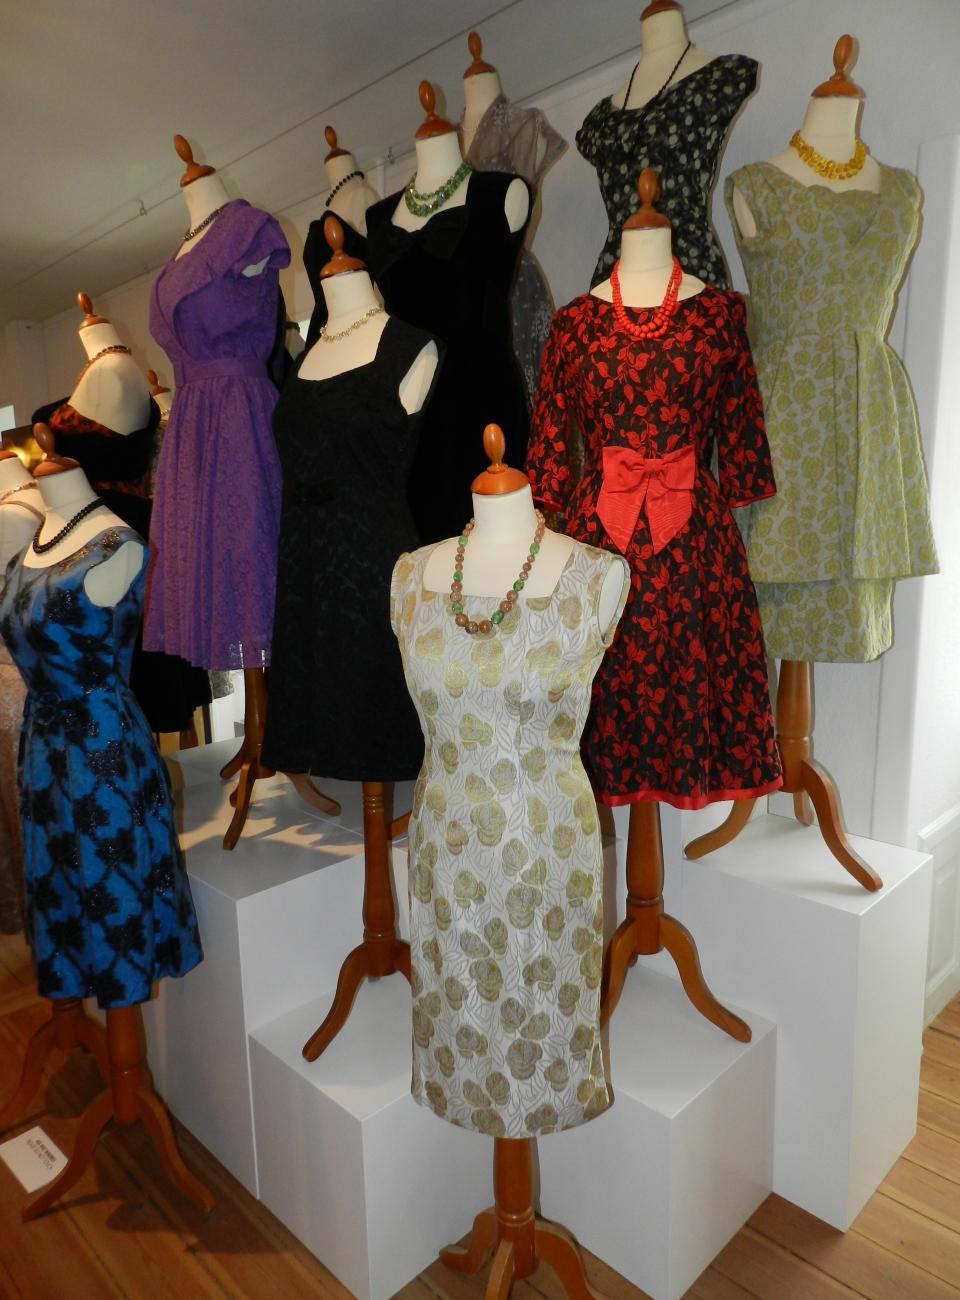 1960'er mode, kostumeudlejning, kostumer, original beklædning, mad men stil, vintage